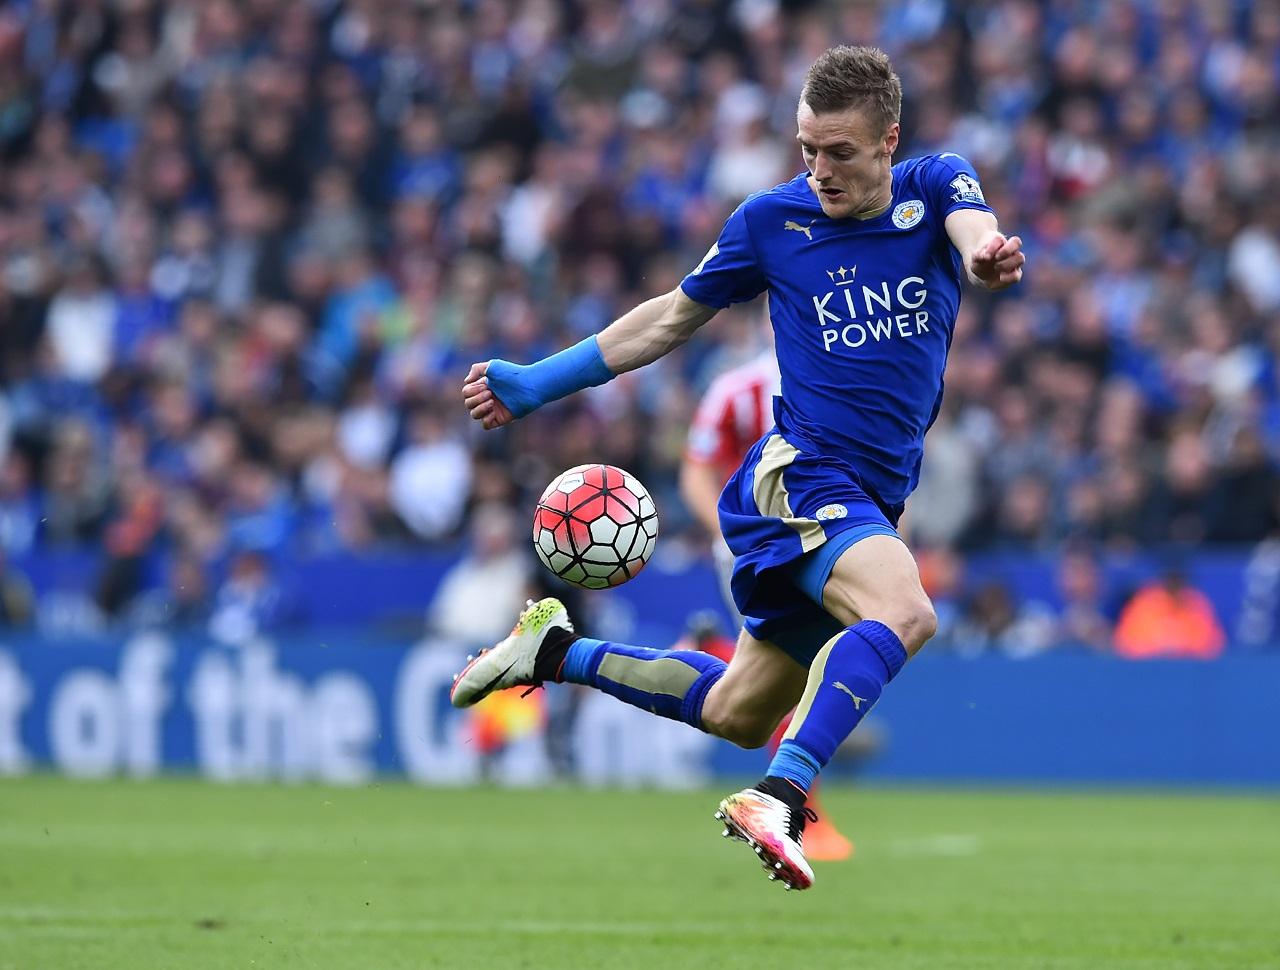 Két Leicester-játékos is rákerült az idei Aranylabda-jelöltek harmincas listájára